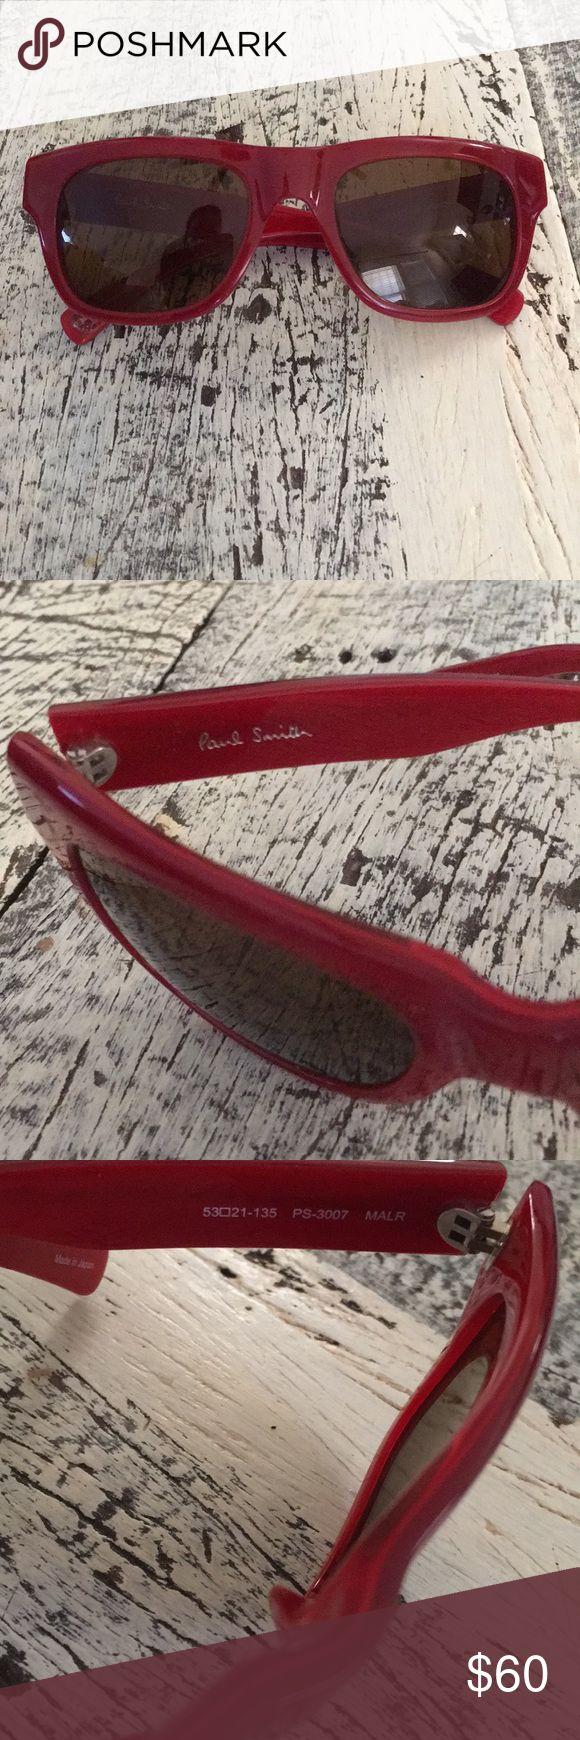 Paul Smith sunglasses Super fun Red sunglasses by Paul Smith Paul Smith Accessories Sunglasses